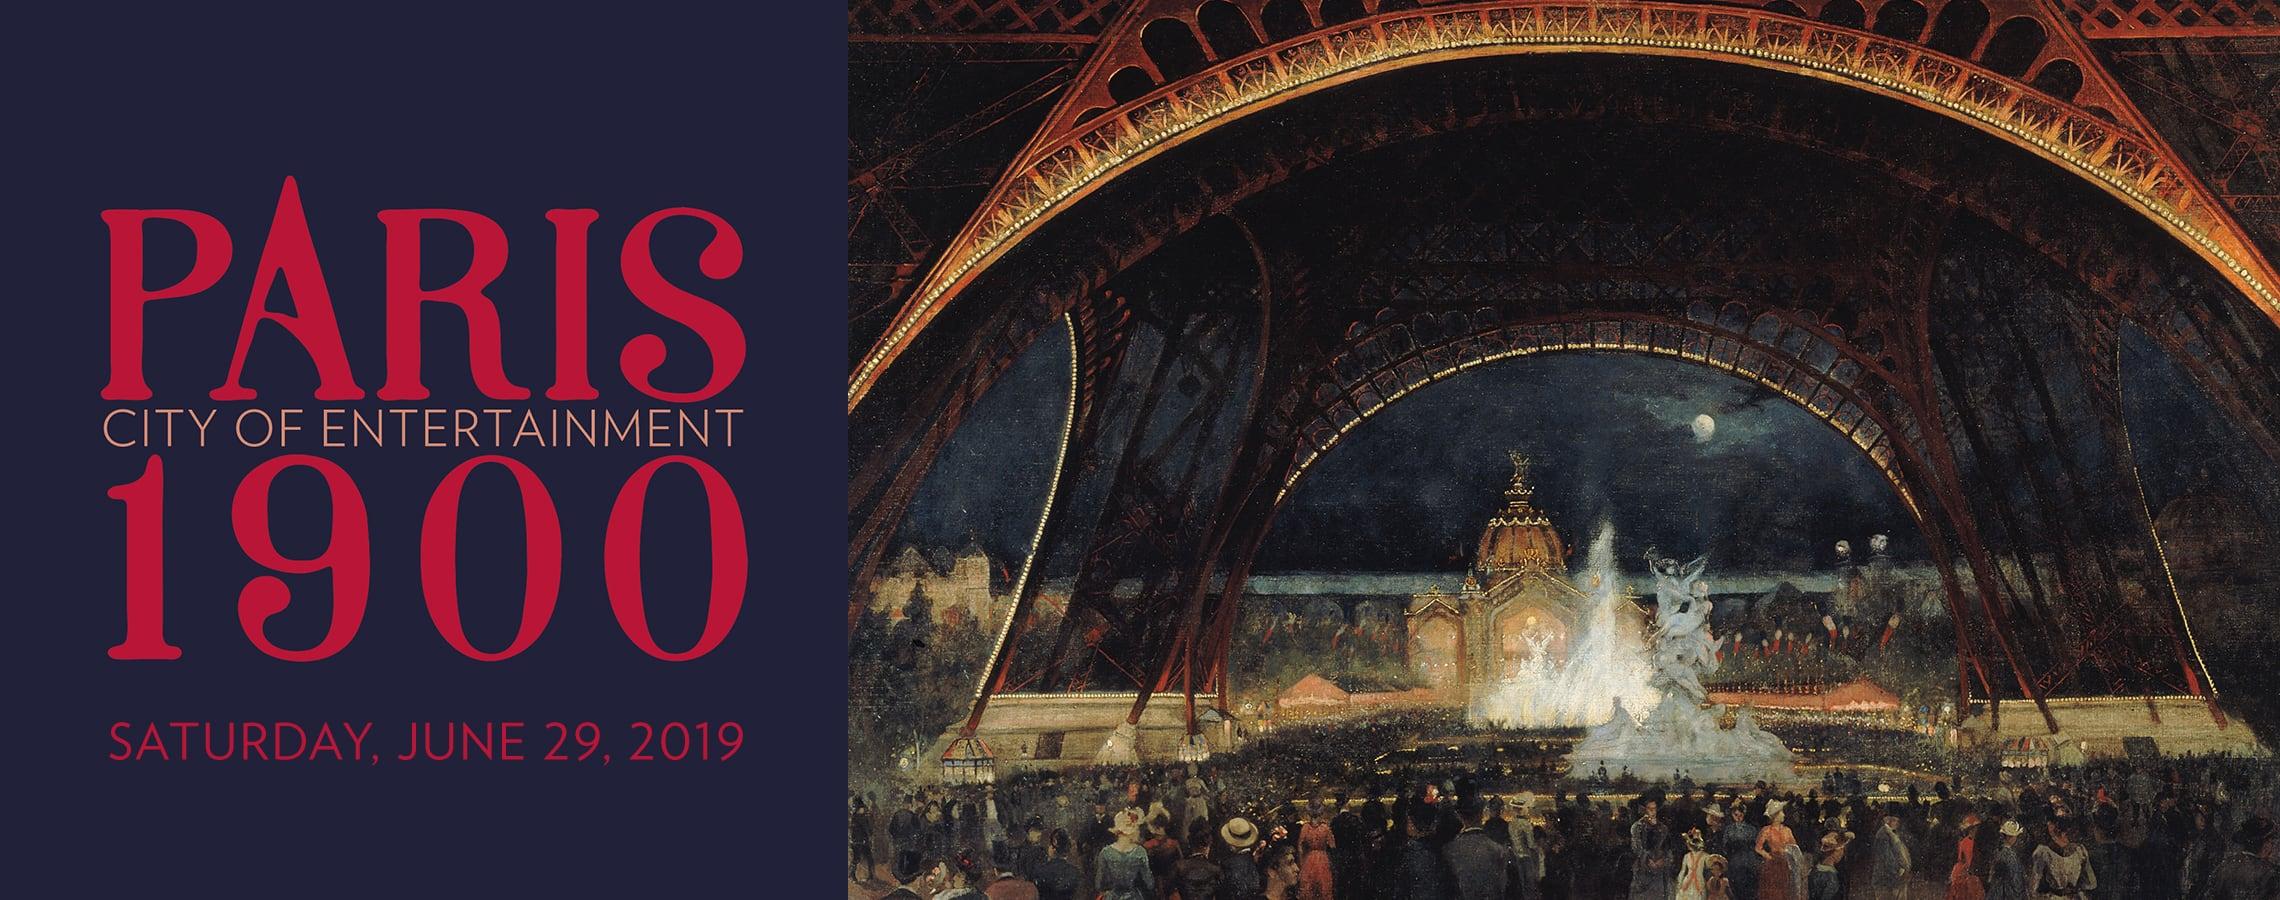 Paris 1900 Gala – Saturday, June 29, 2019